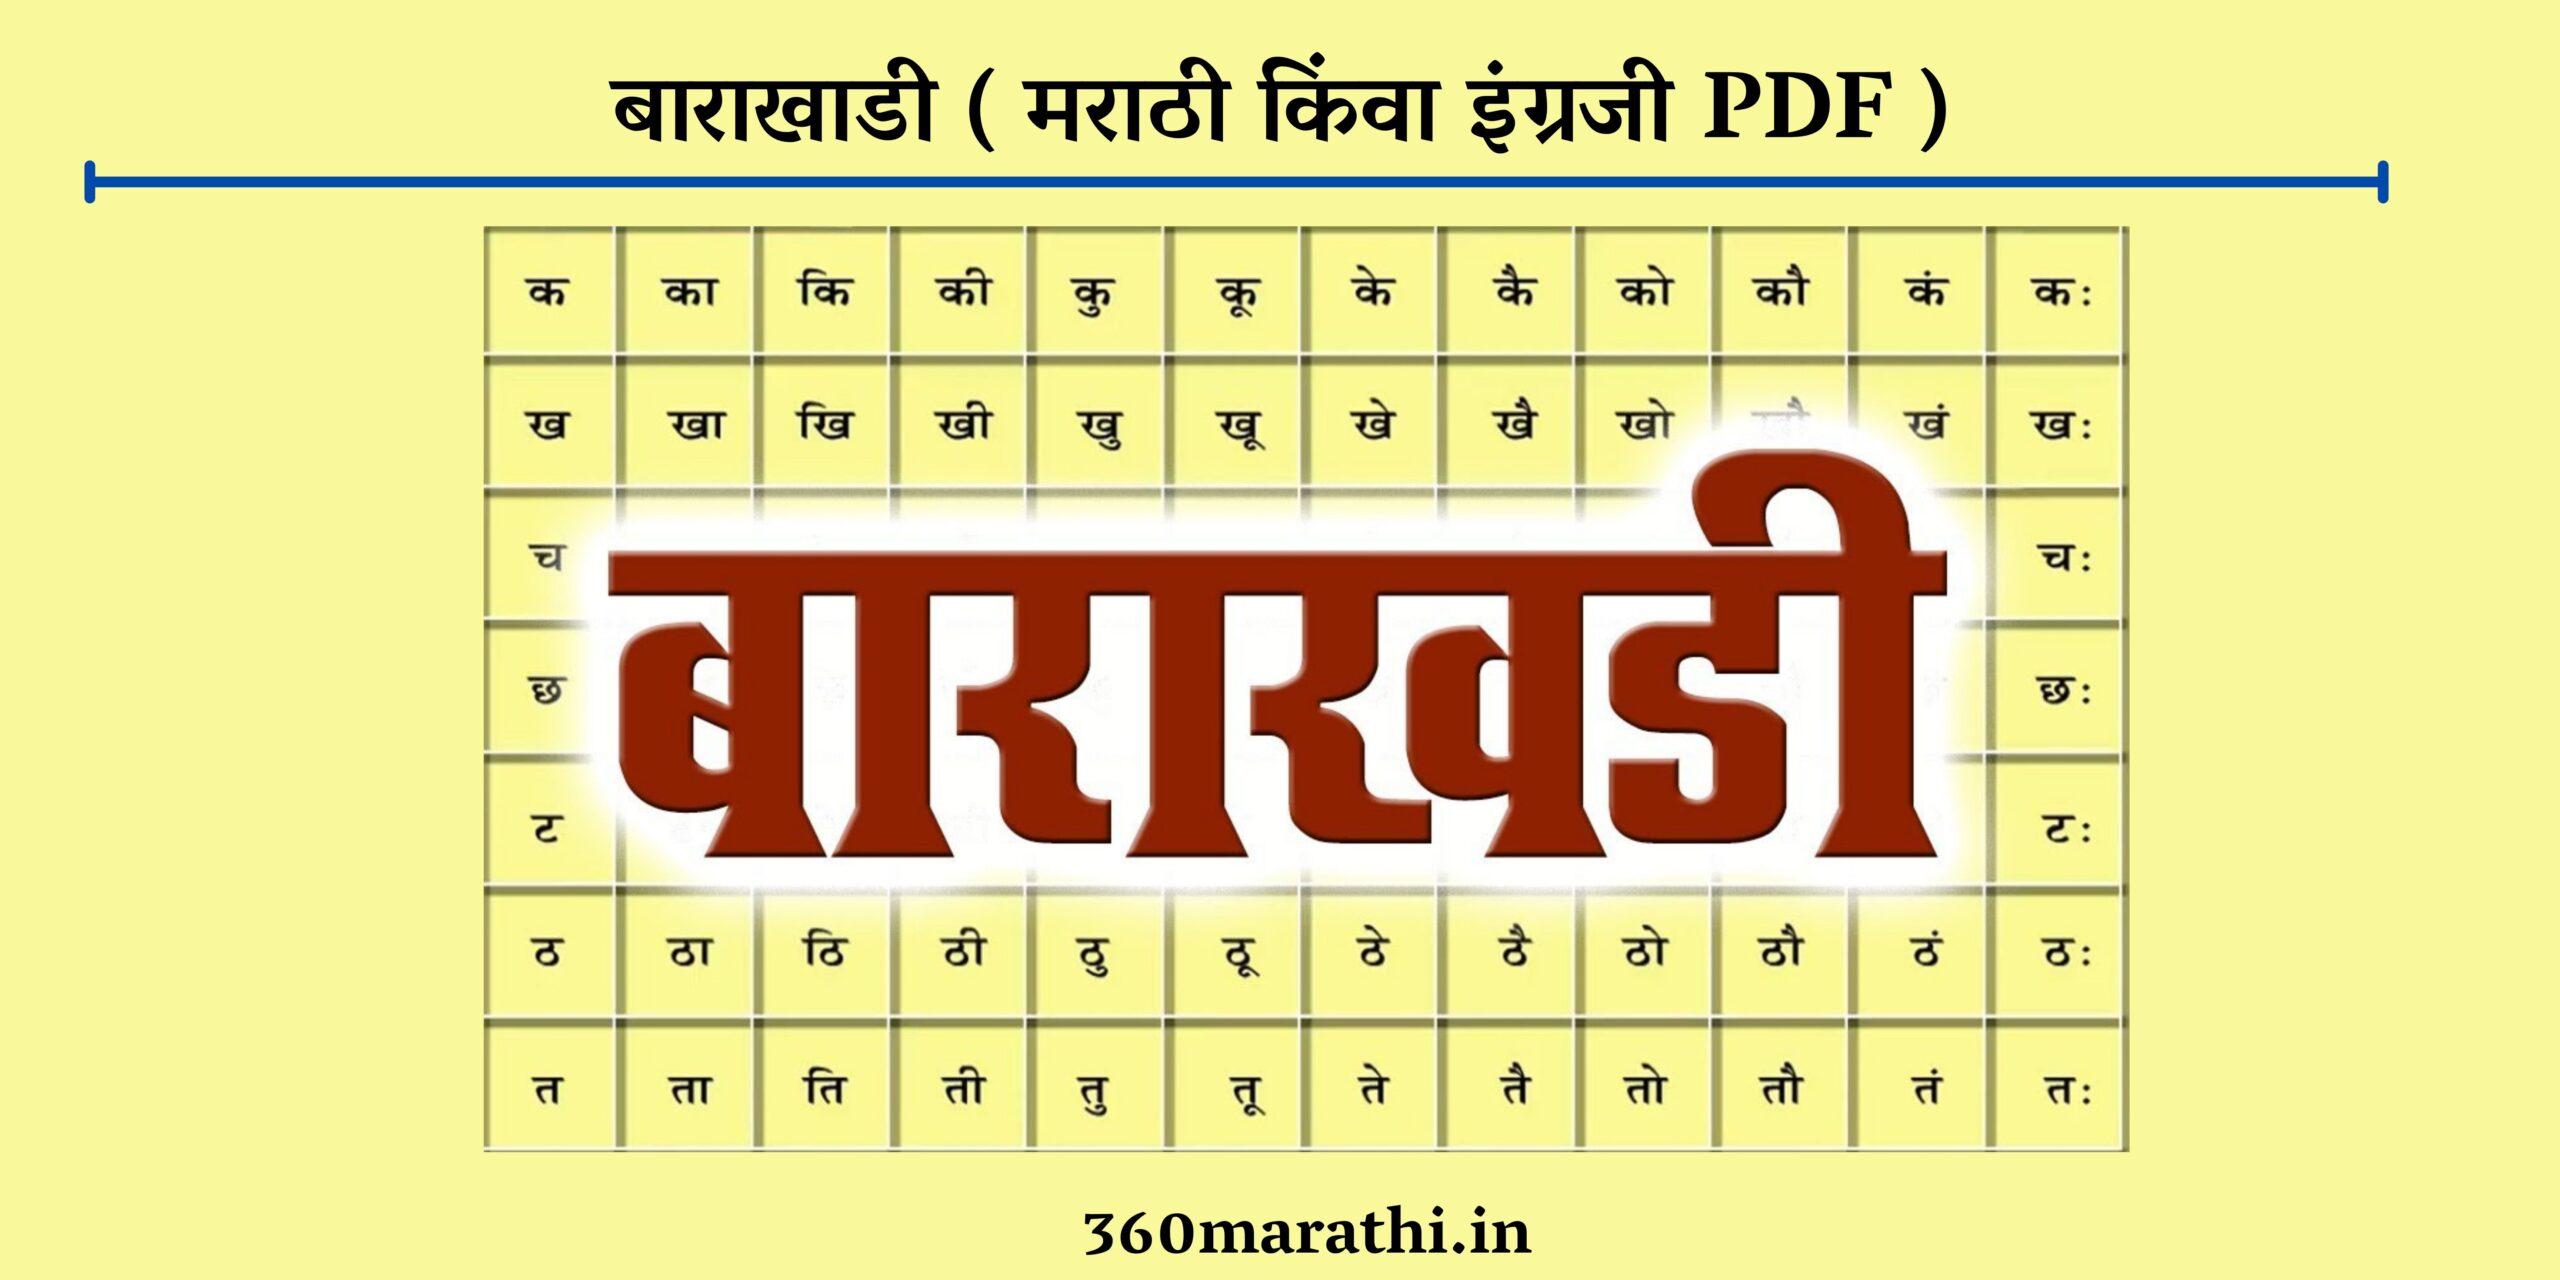 (Free Chart) मराठी बाराखडी | Marathi Barakhadi Chart PDF in English to Marathi